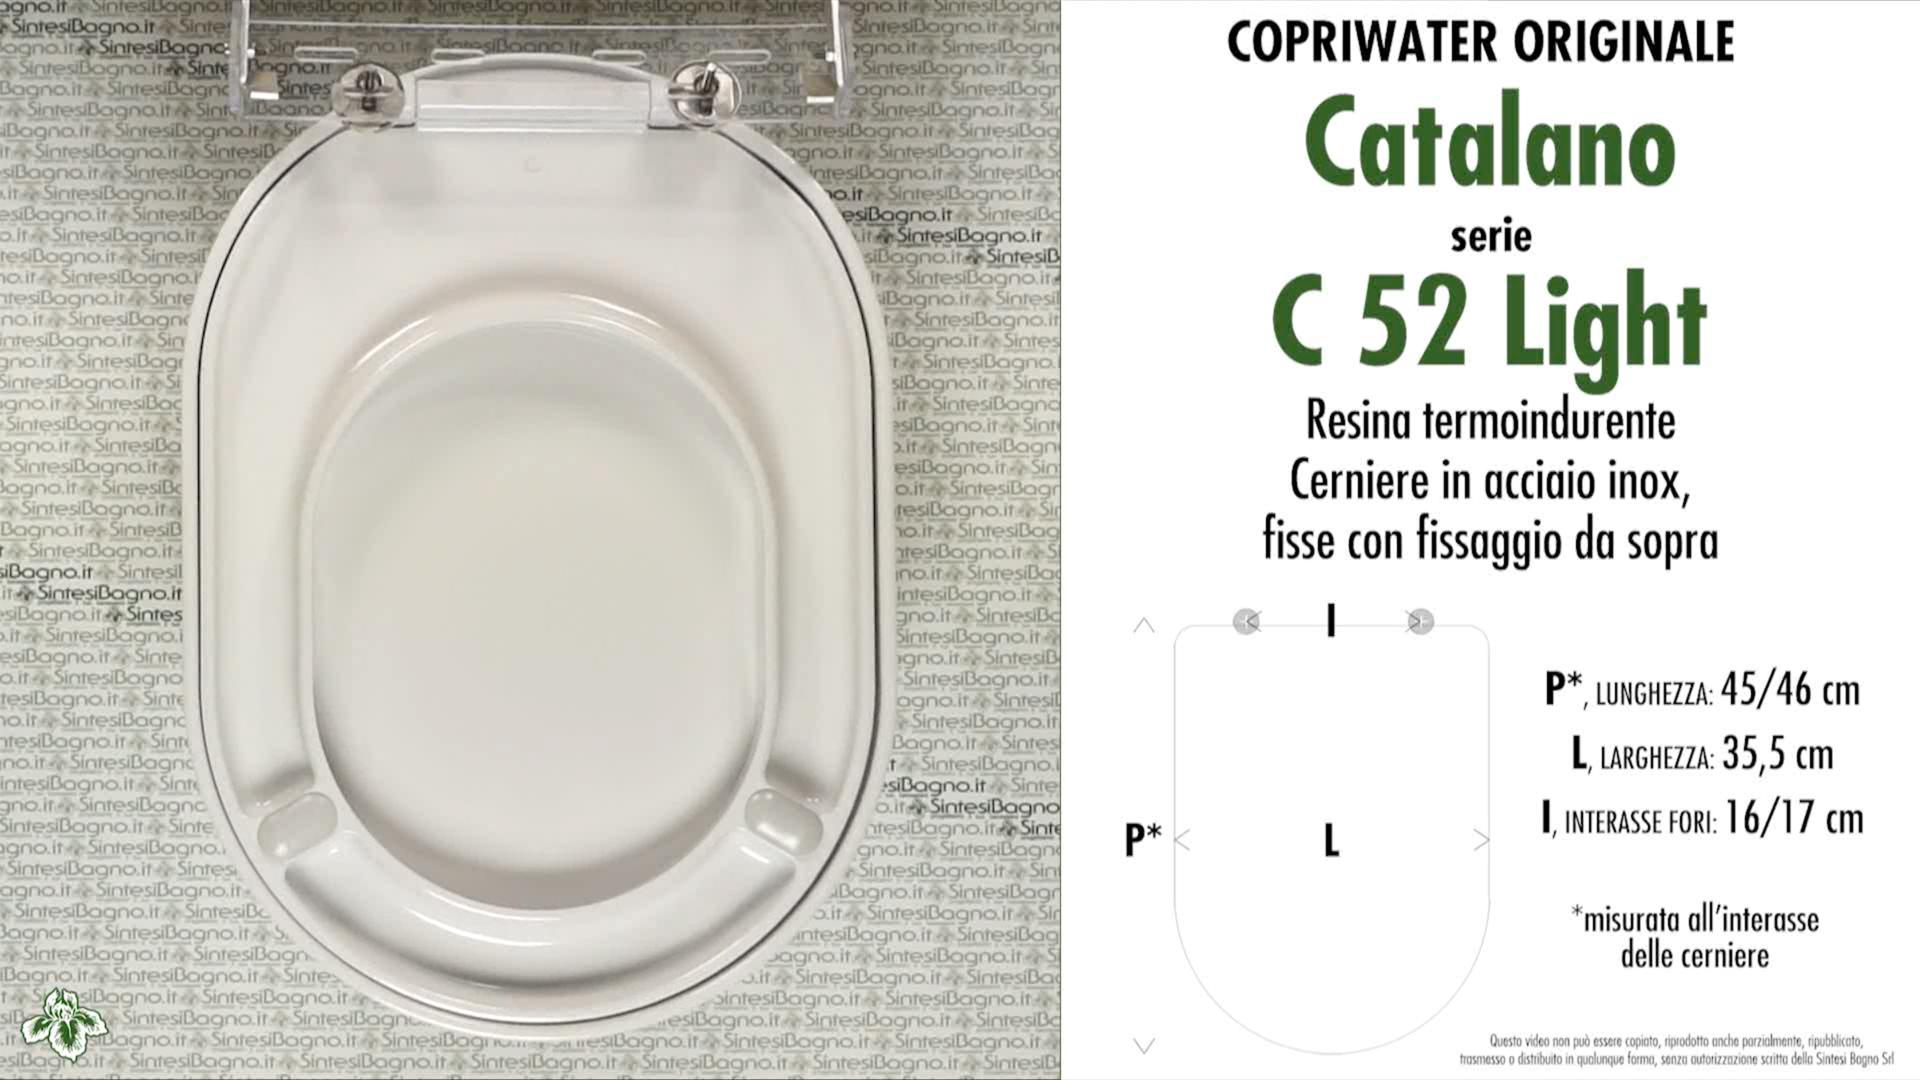 SCHEDA TECNICA MISURE copriwater CATALANO C 52/54